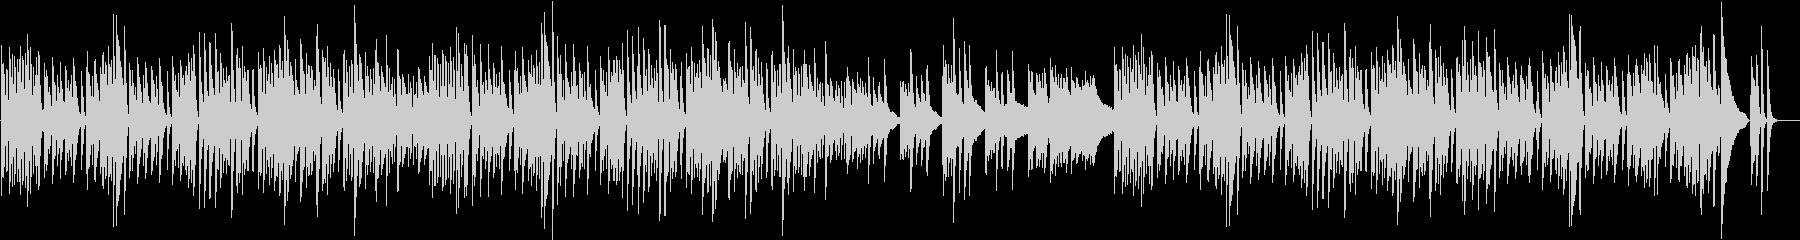 クッキング動画に♪ぽかぽかピアノBGMの未再生の波形